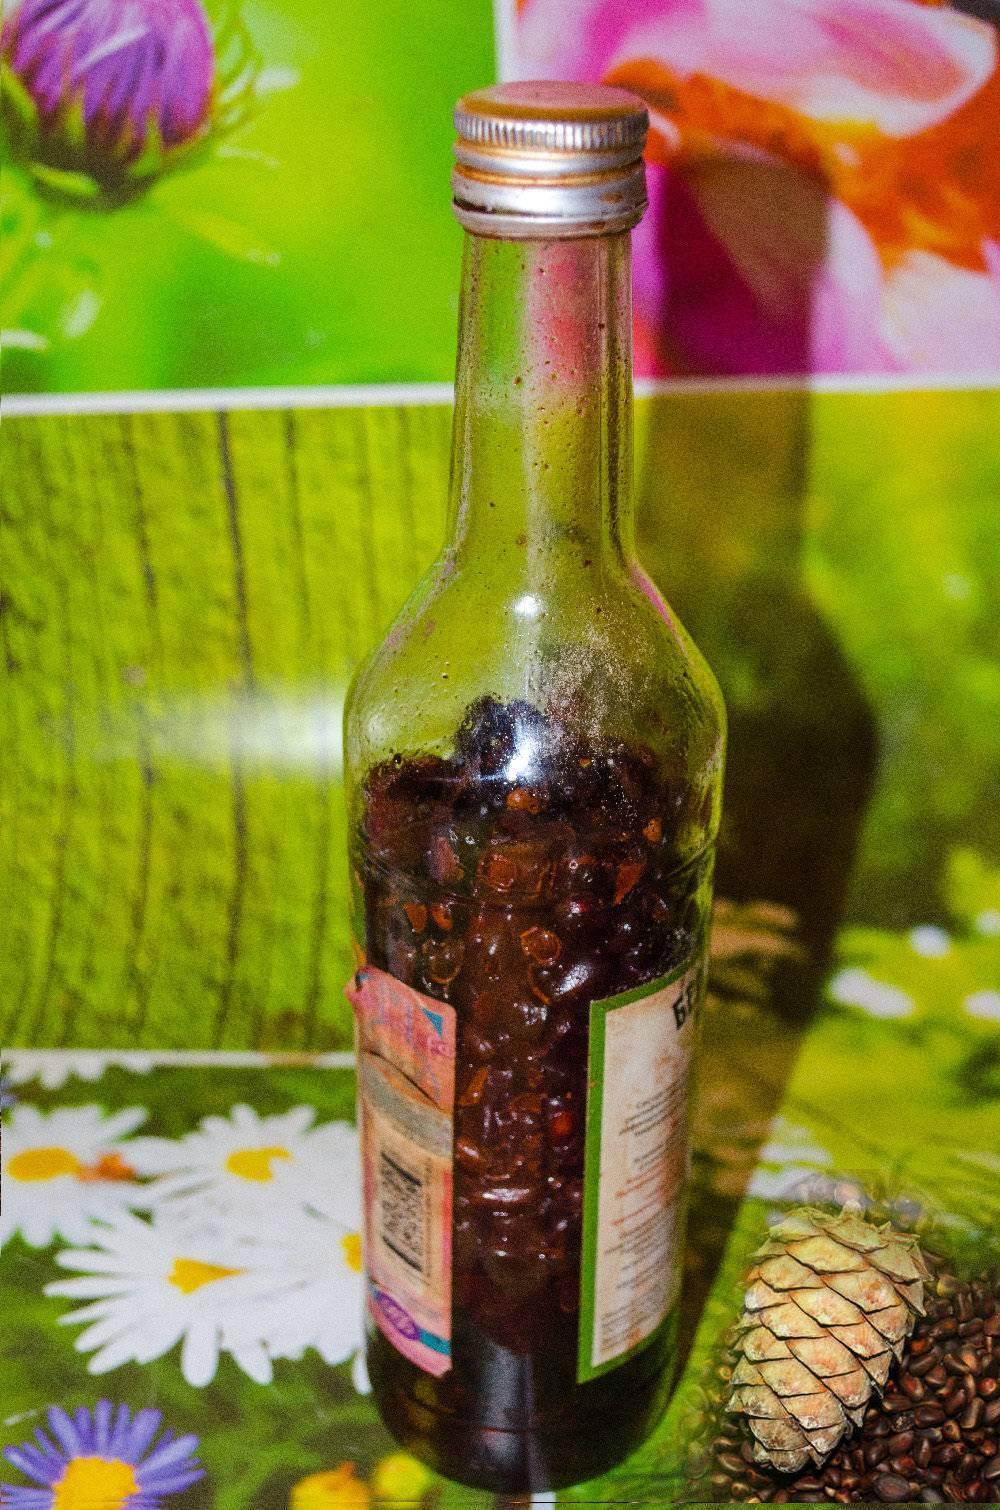 Кедровая настойка: рецепт приготовления, лечебные свойства и применение